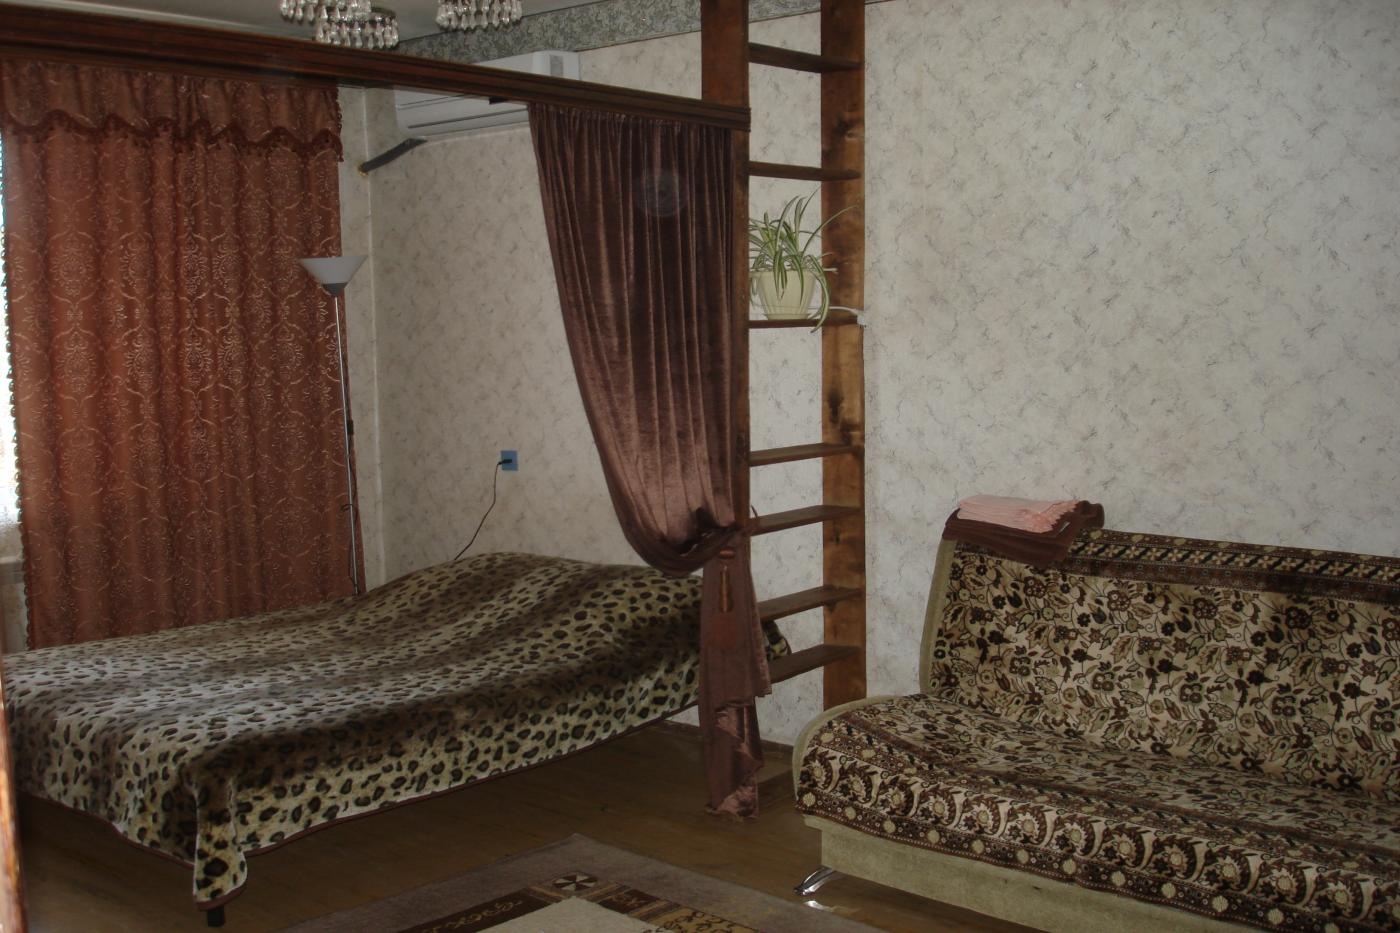 2-комнатная квартира посуточно (вариант № 603), ул. лизюкова улица, фото № 2